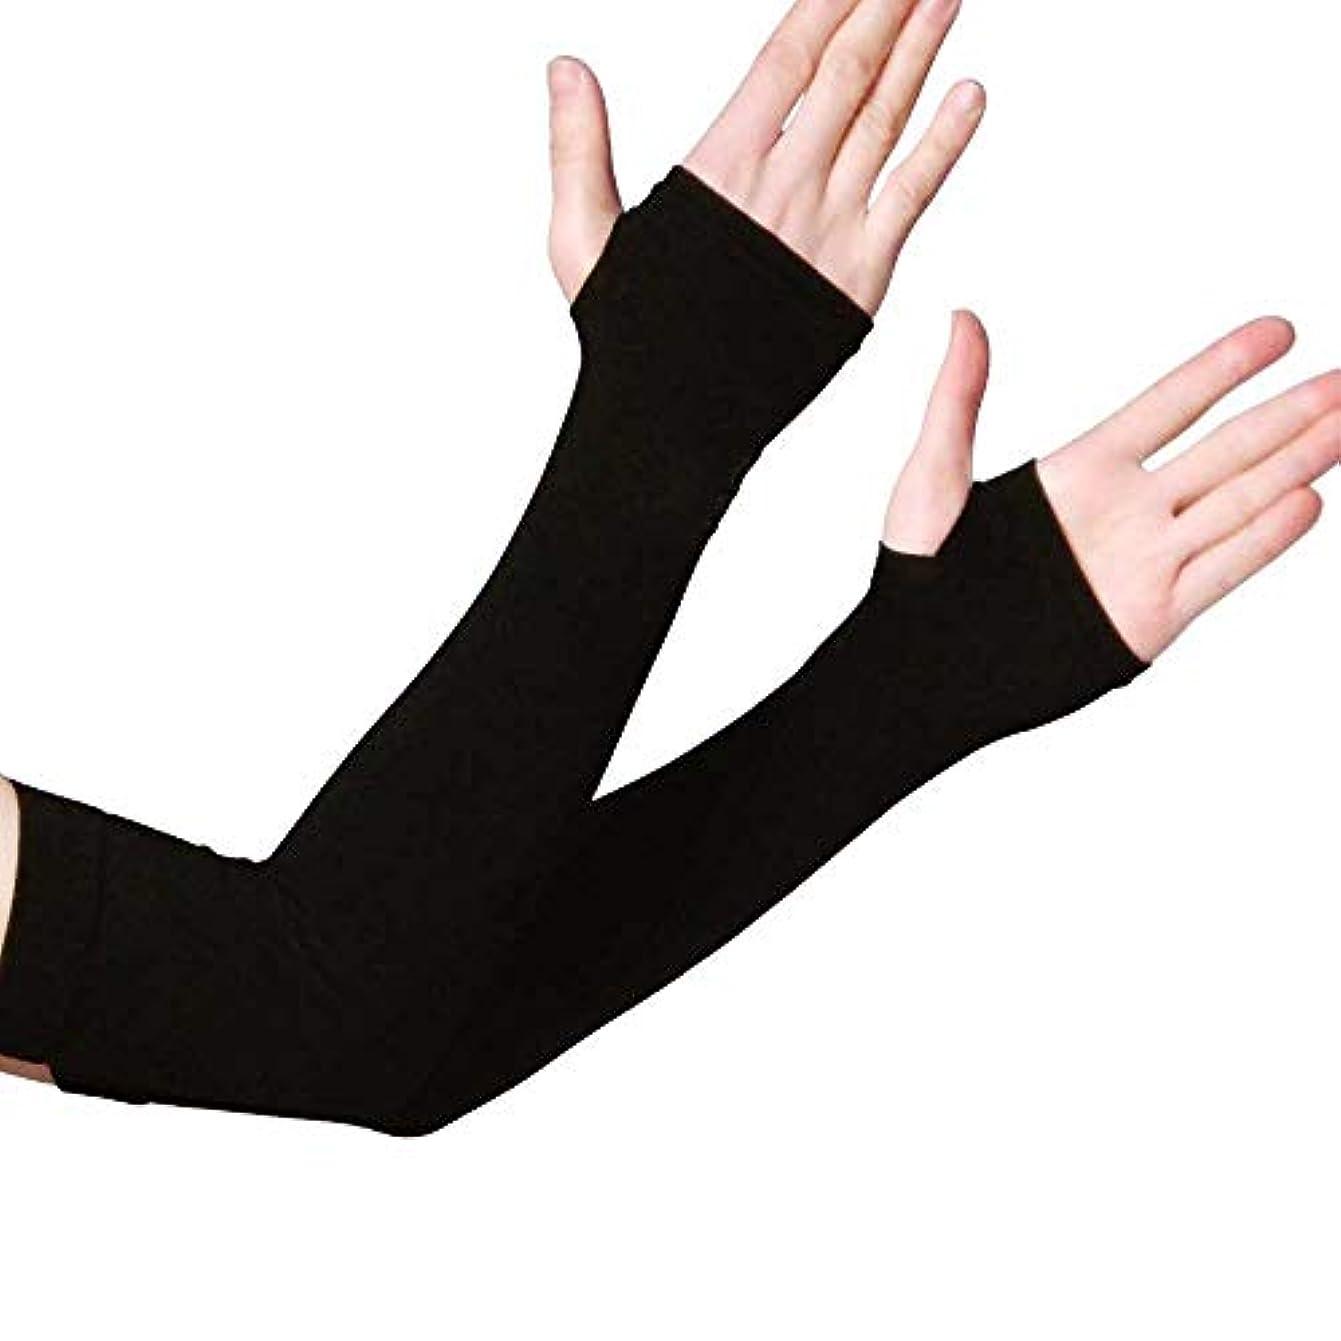 毛布あいまいさ姪ブラック 涼感UVカット アームカバー 日焼け止め 紫外線ダメージ お肌 ガード 紫外線対策